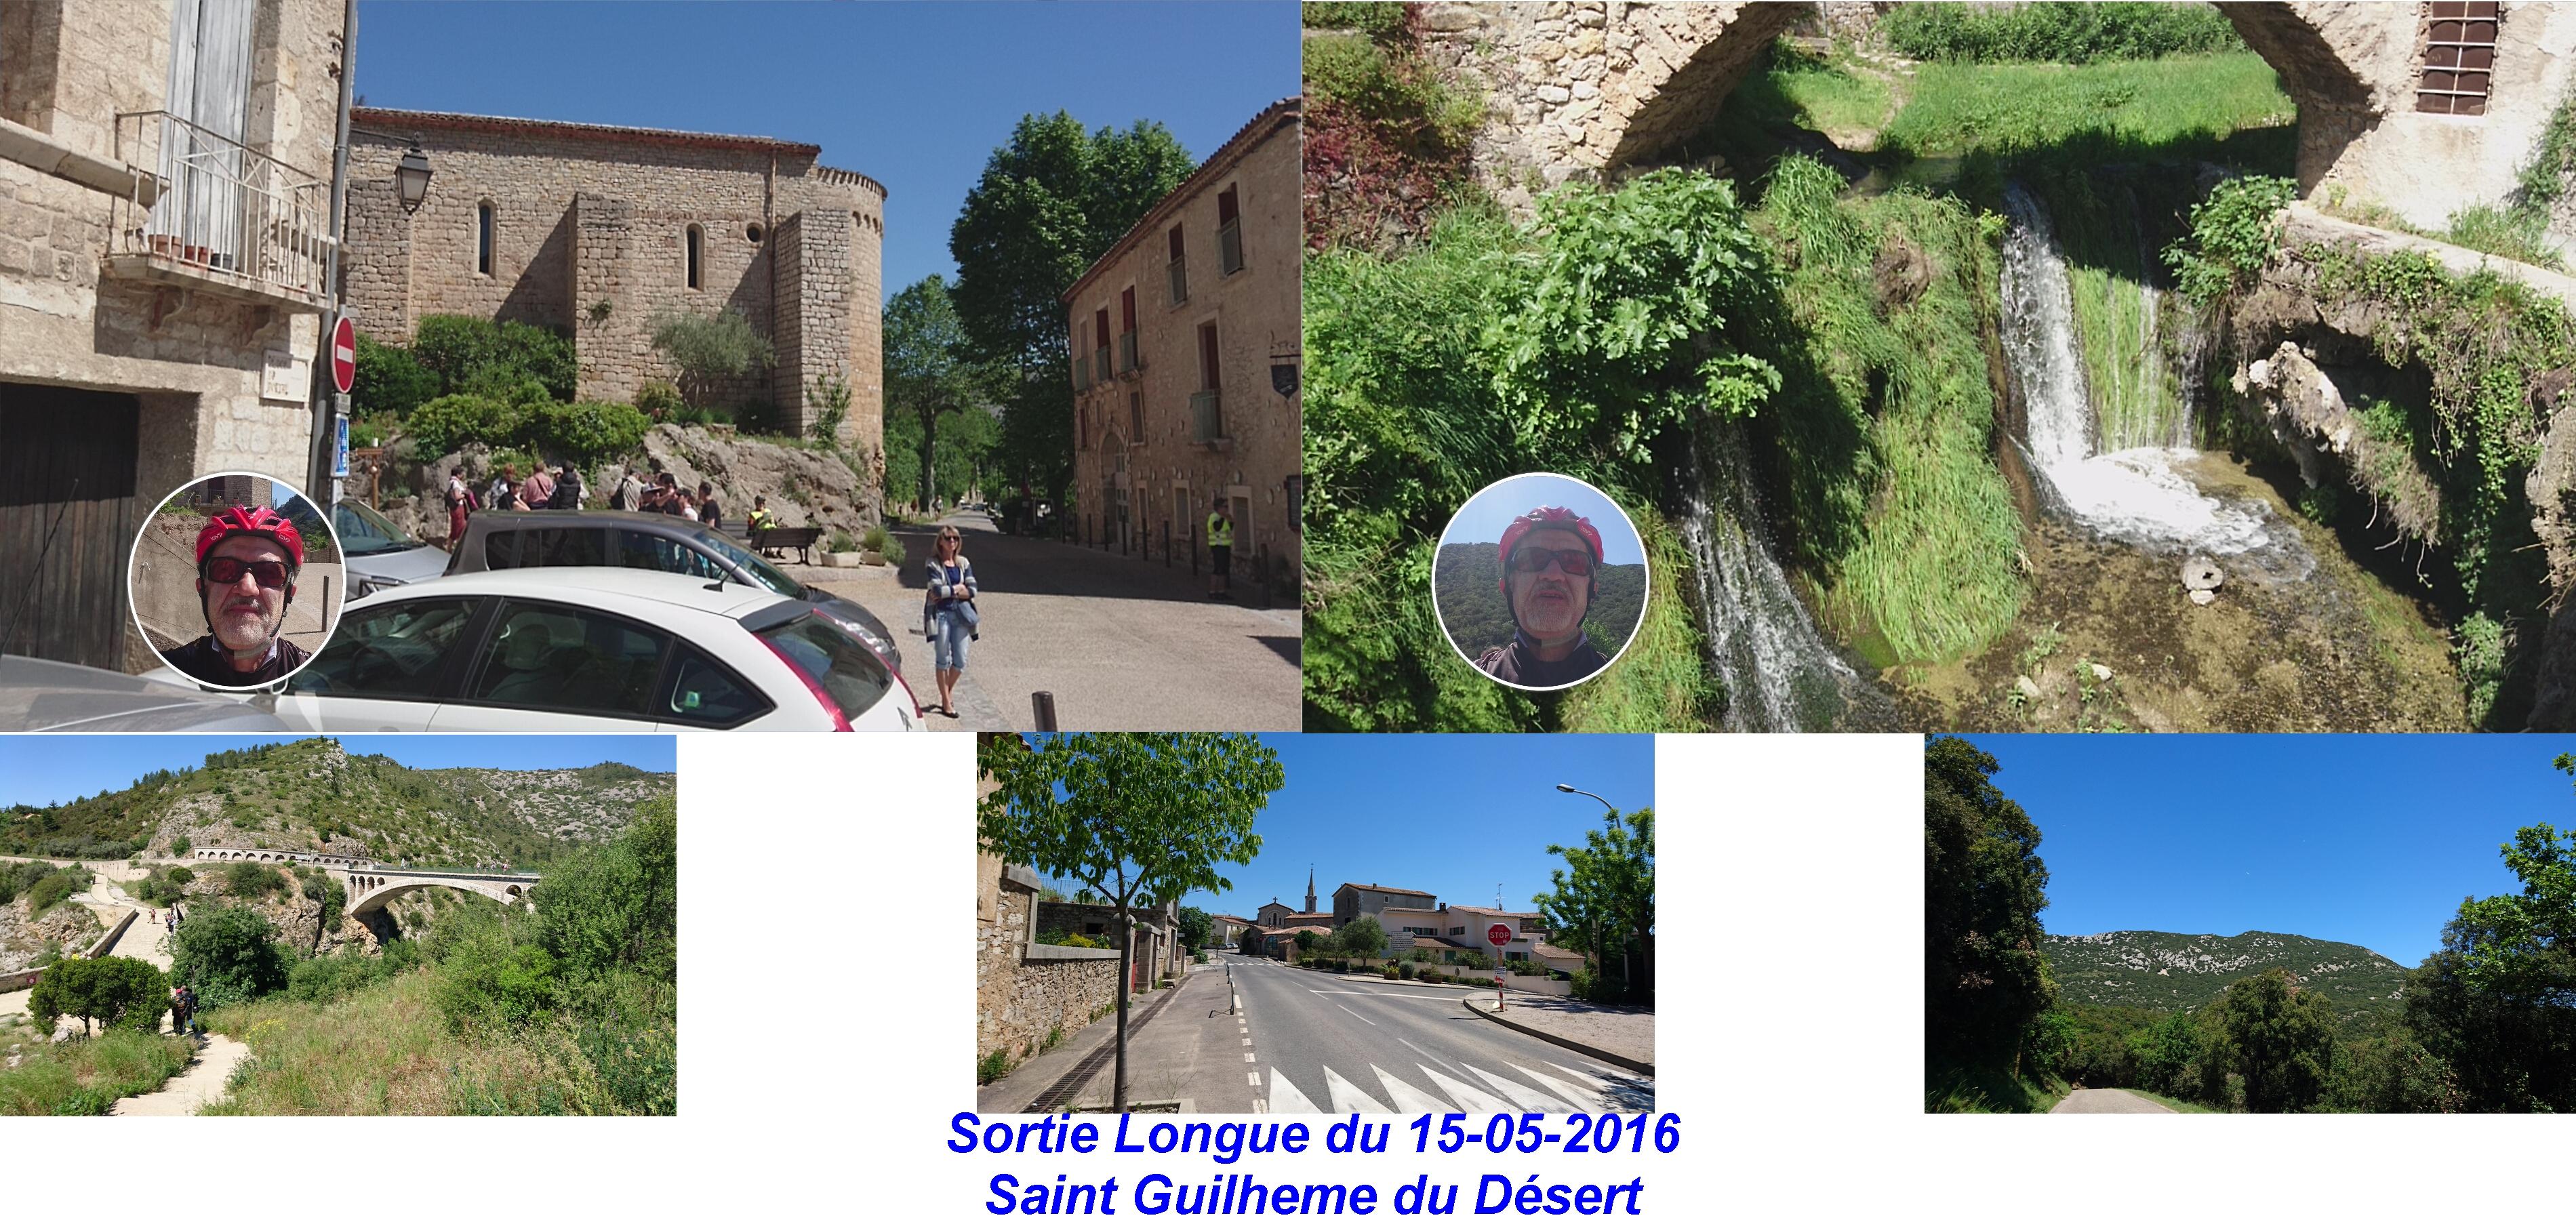 Saint-Guilheme